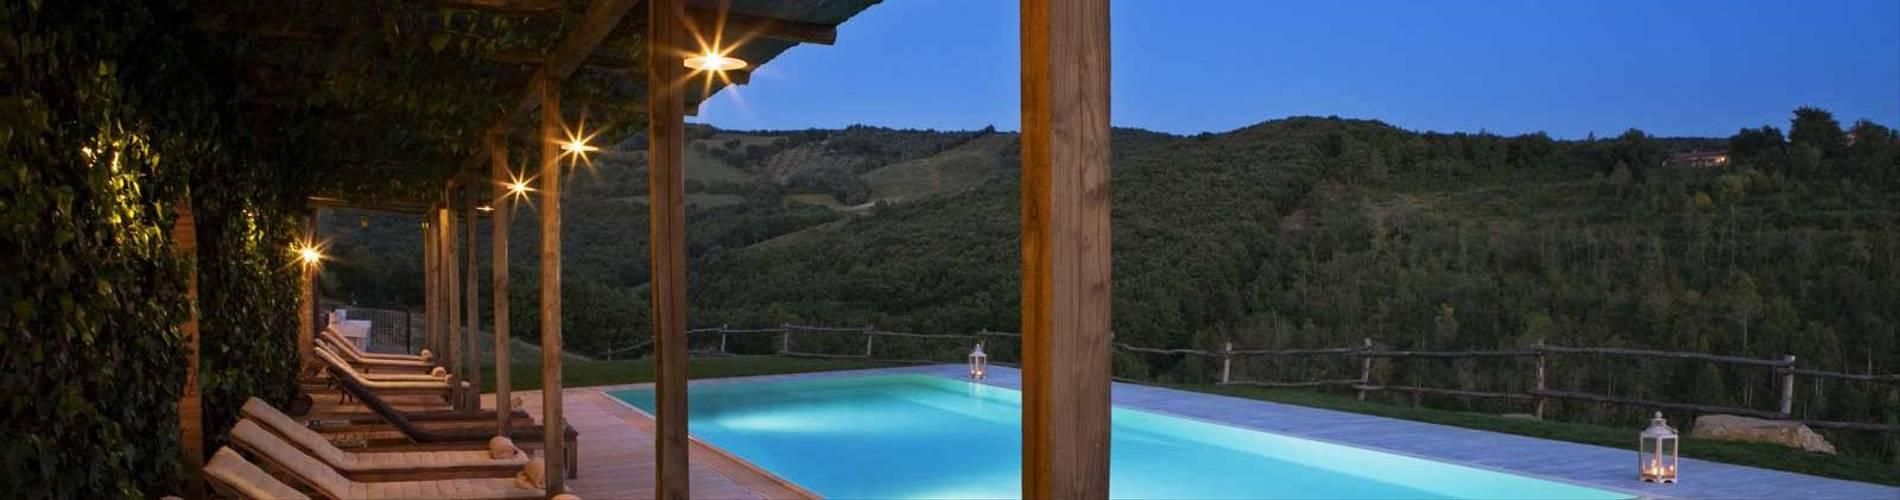 Conti Di San Bonifacio, Tuscany, Italy (22).jpg